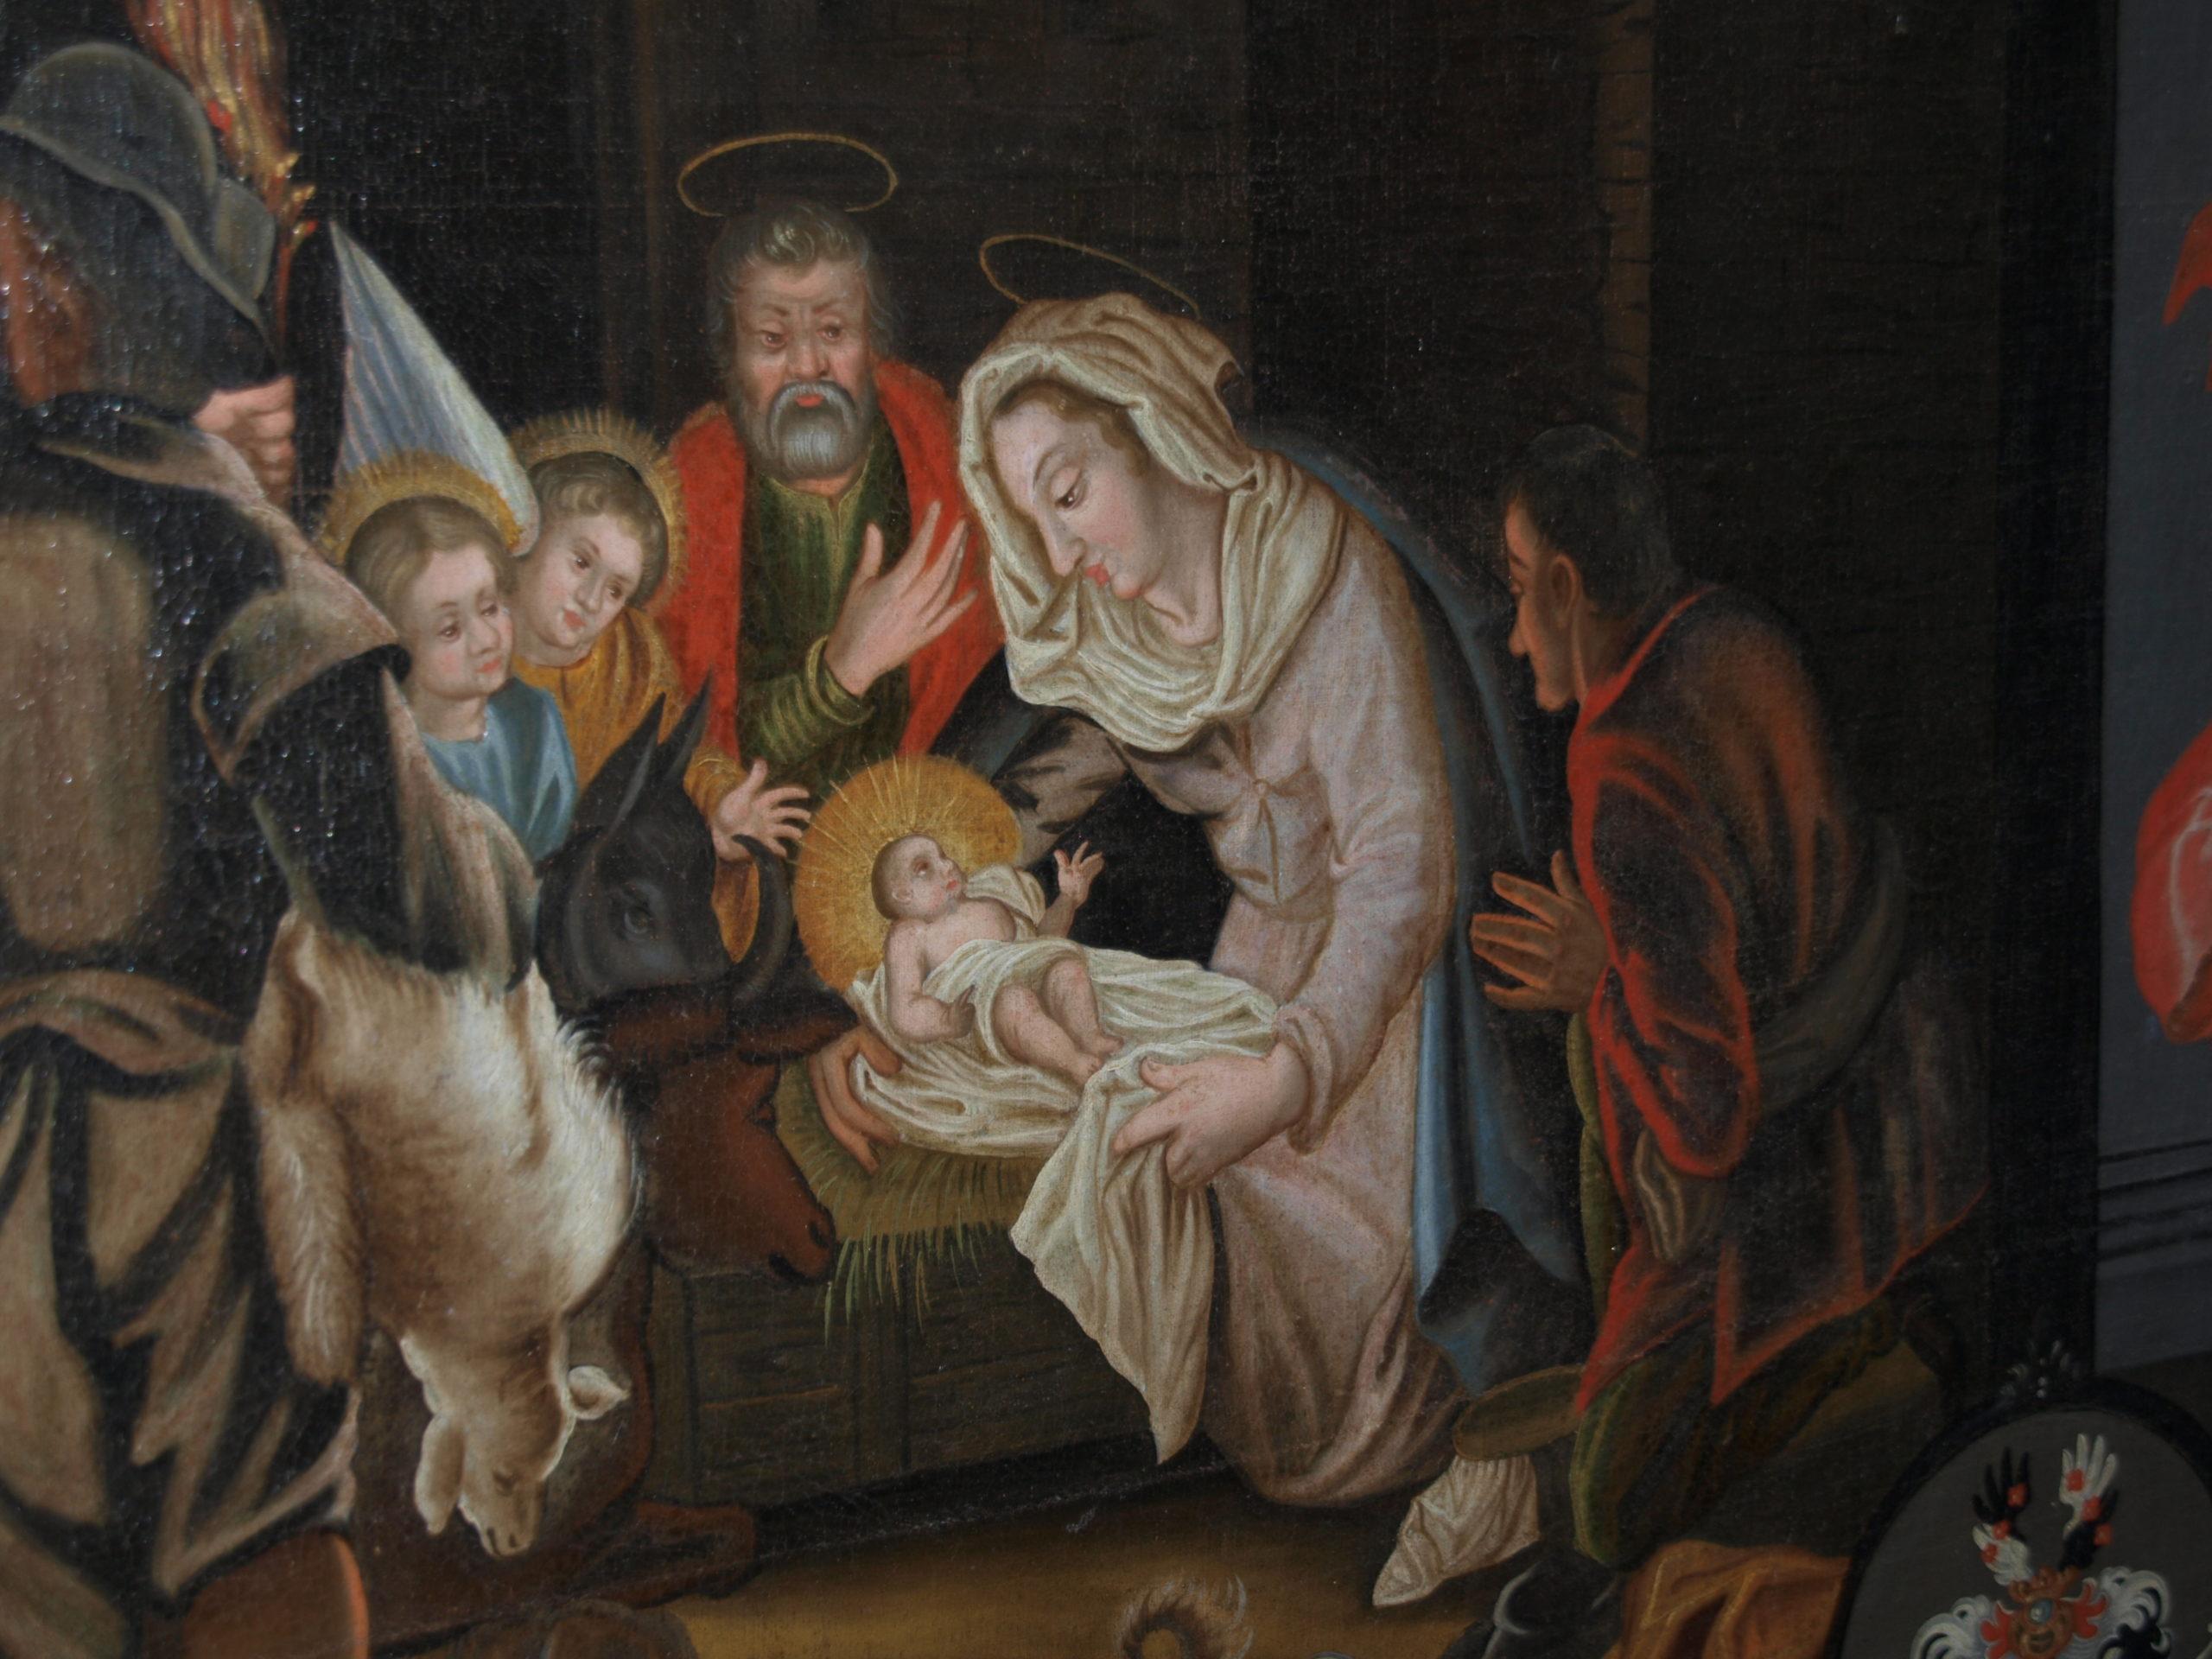 Weihnachten, Bildausschnitt aus Gemäldezyklus im Johannisgang, Stift Fischbeck